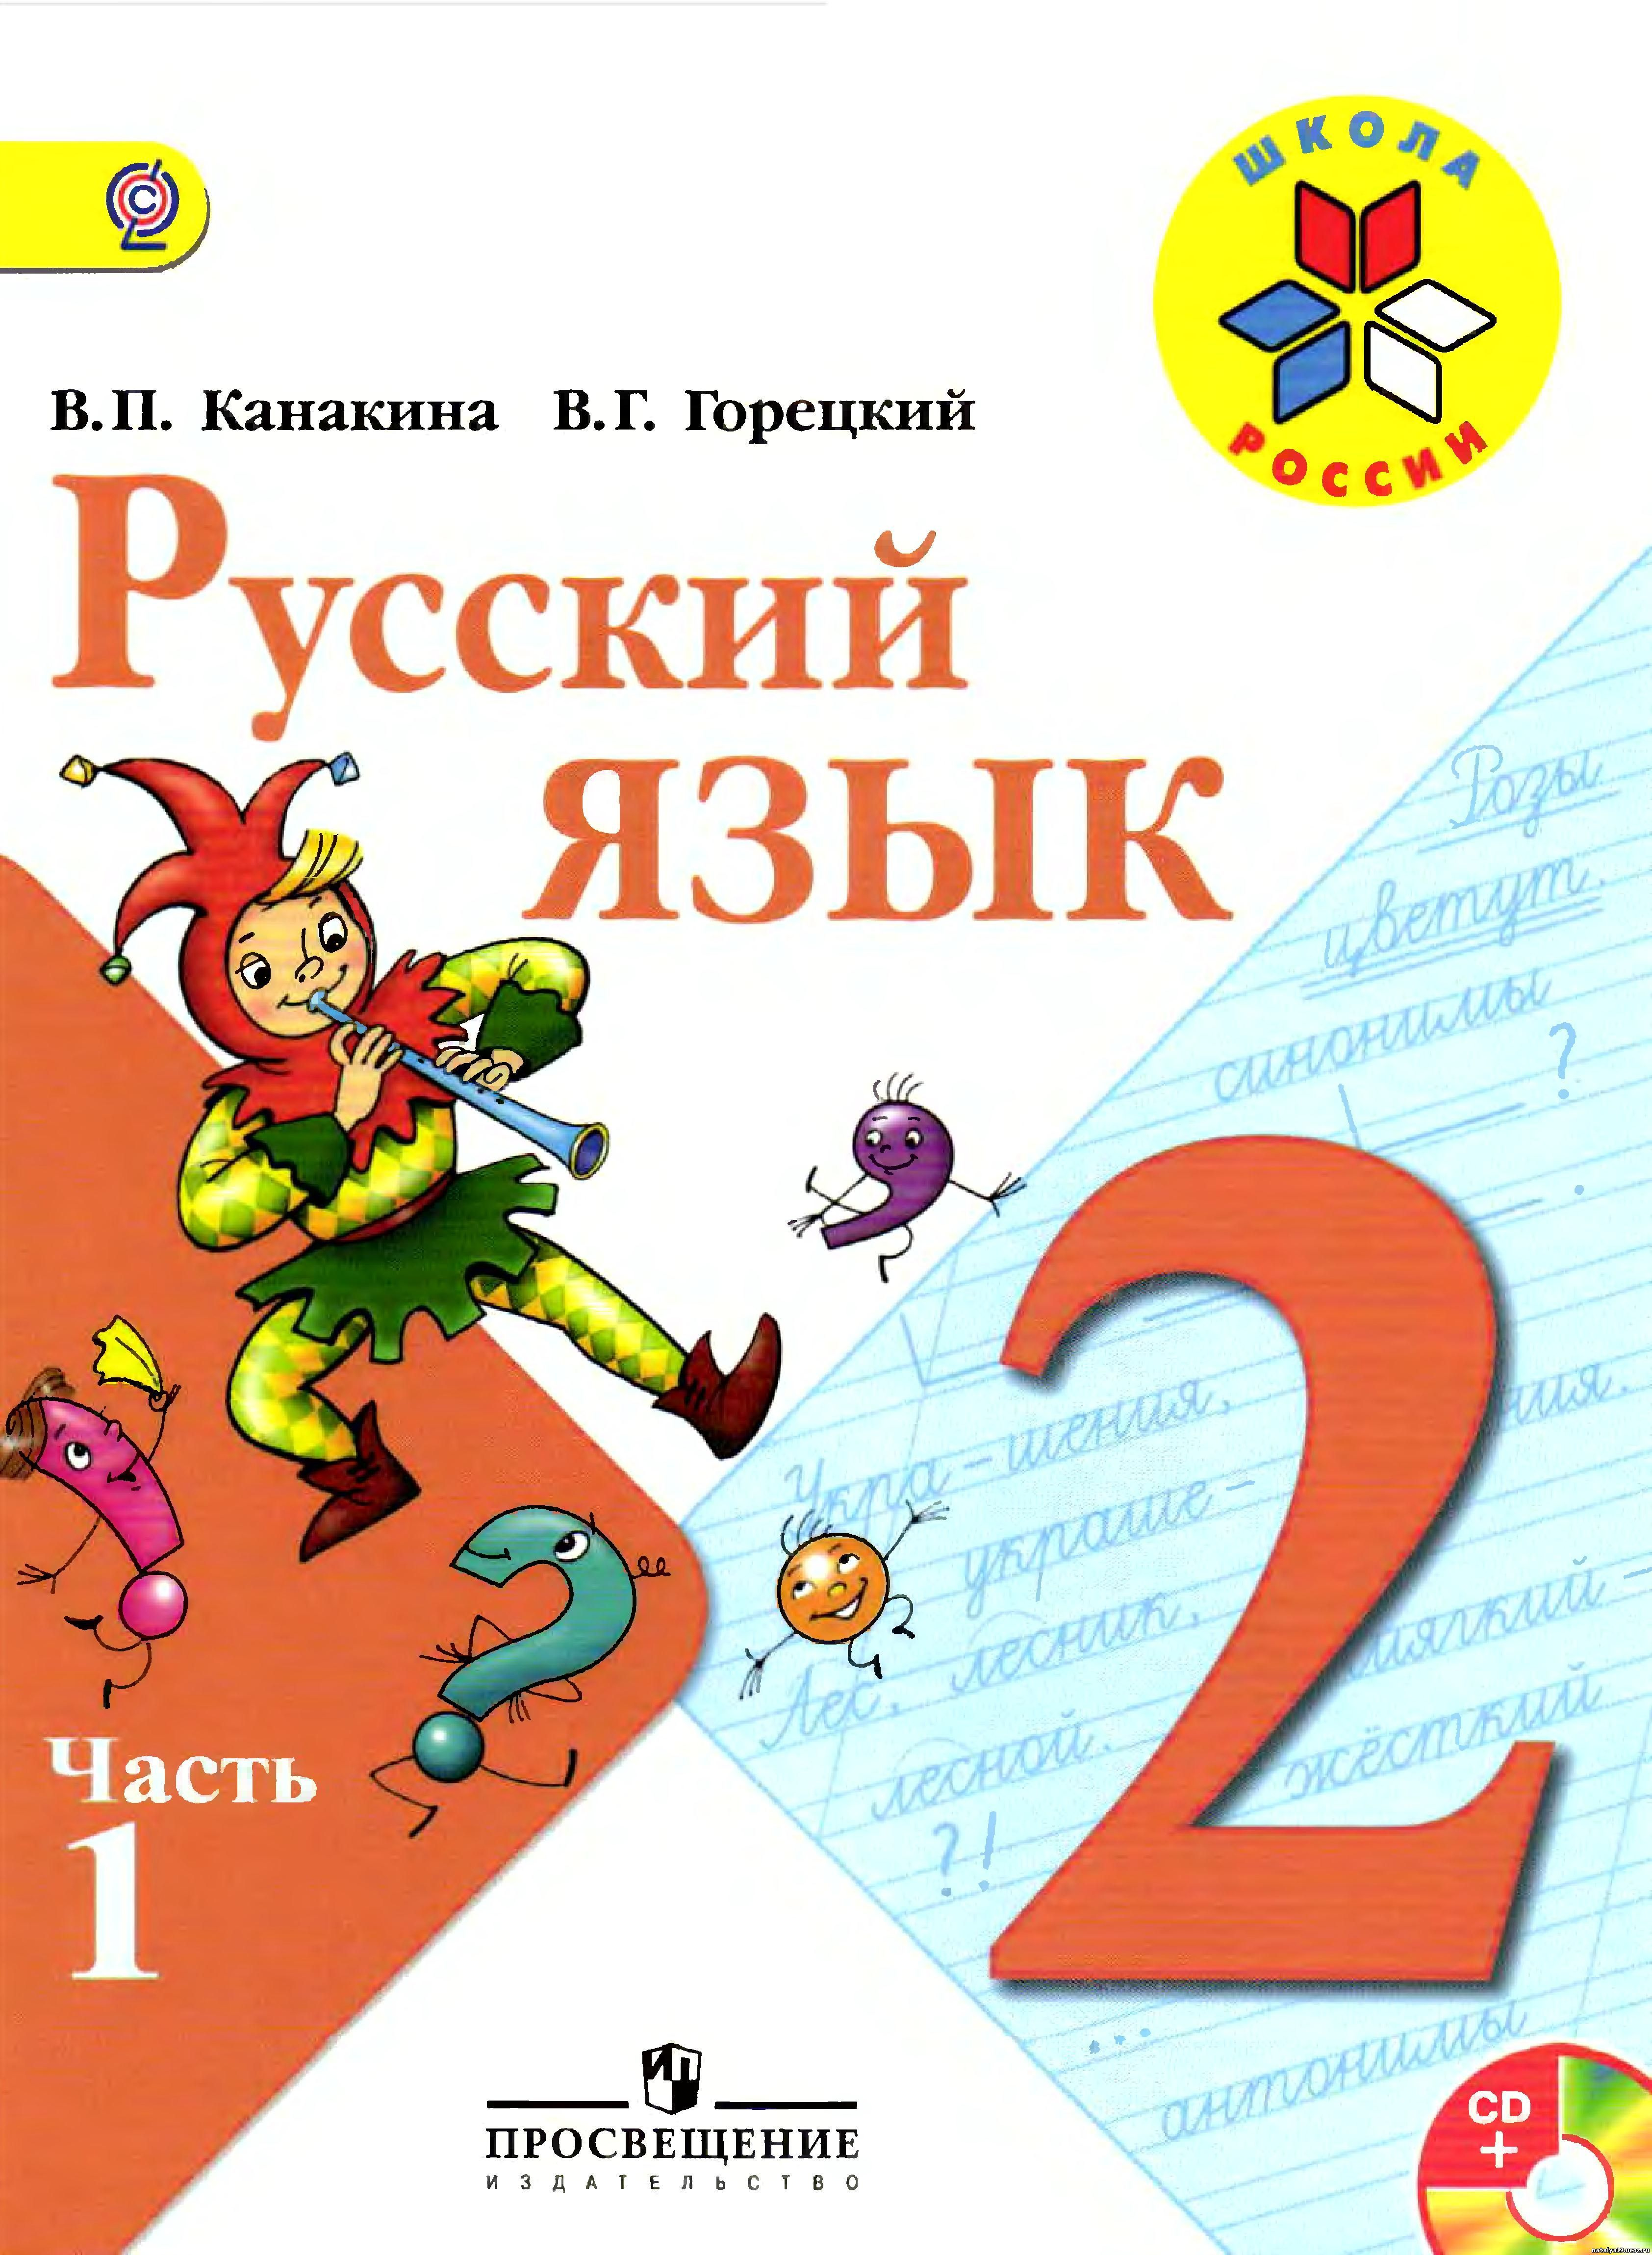 Сонин в.г захаров м.р сапин с.г мамонтов 7 класс